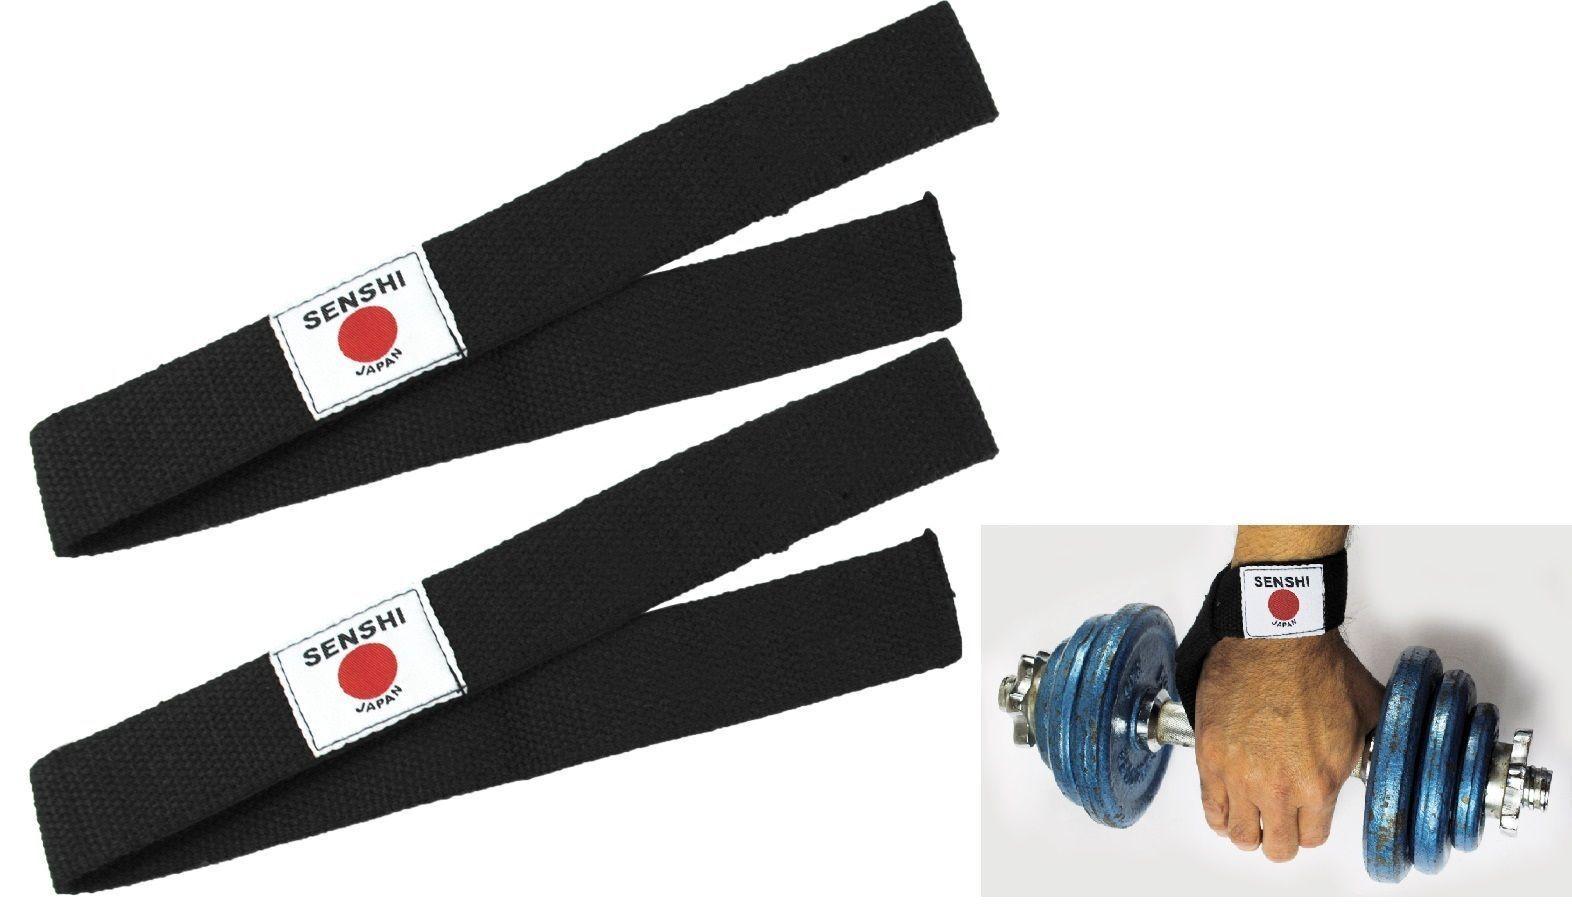 Poids guerrier royaume-uni erses de levage Gym wraps deadlift musculation fitness